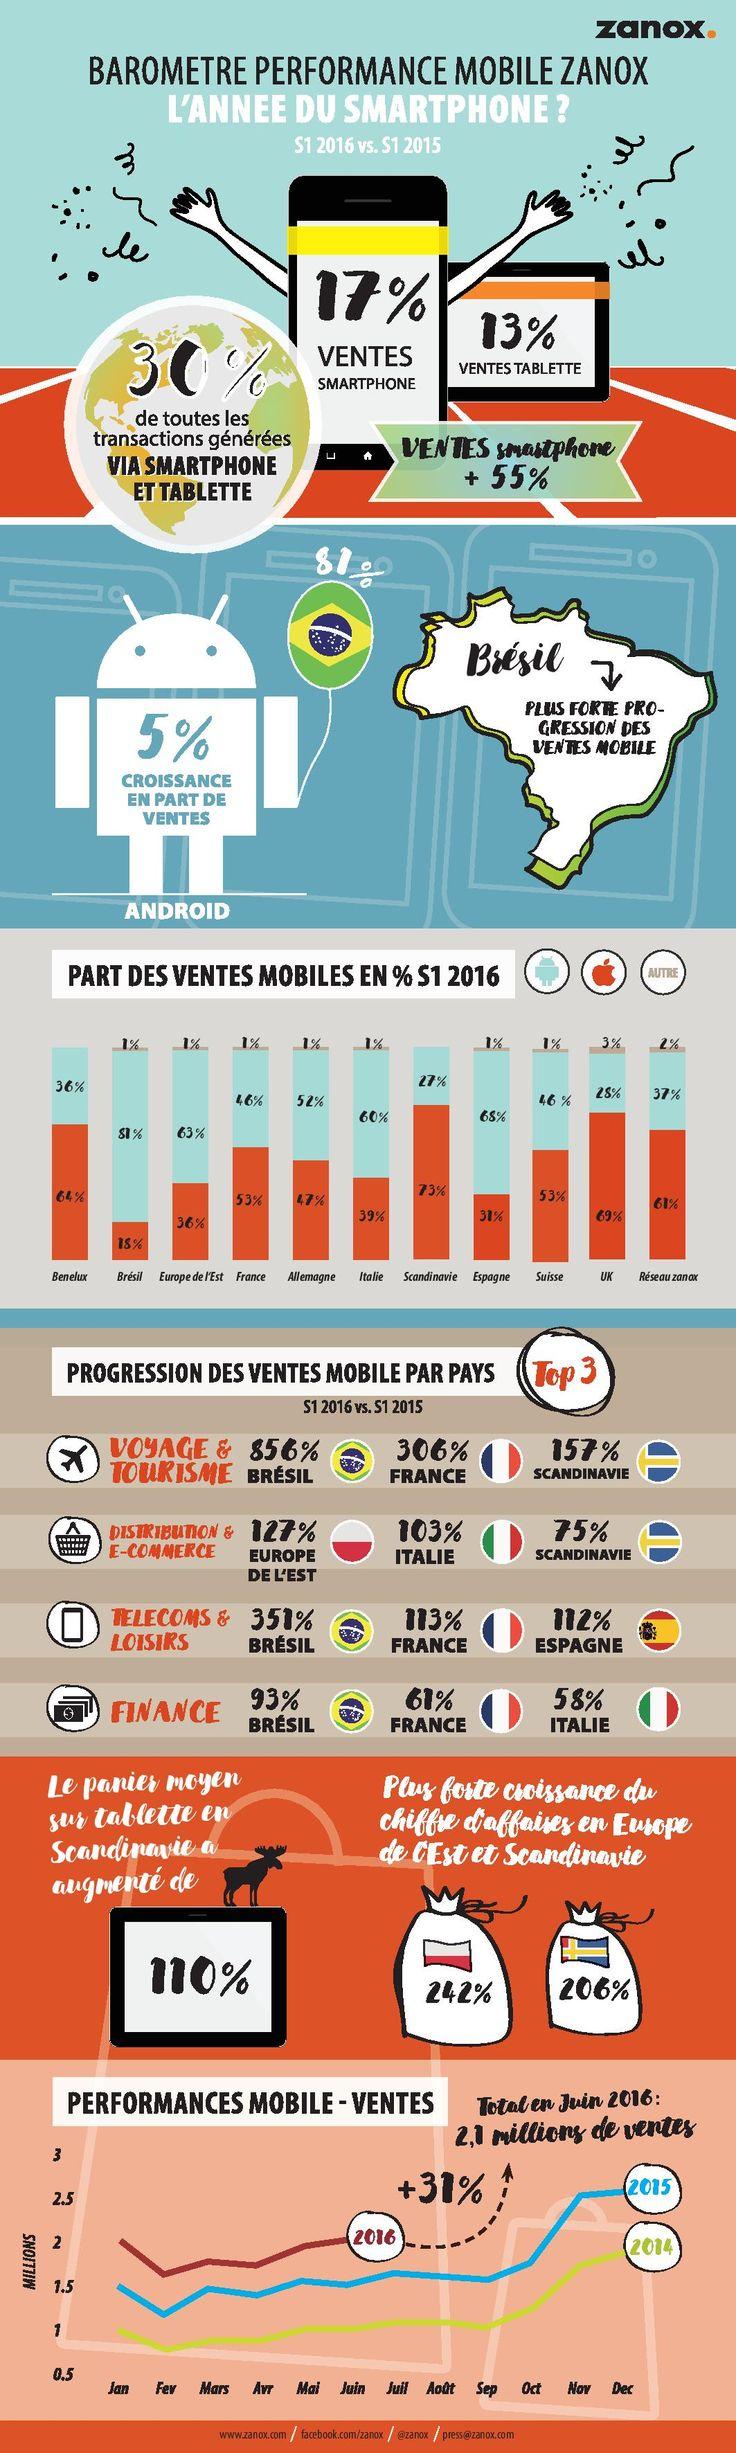 Les ventes via smartphones dépassent celles réalisées via tablettes